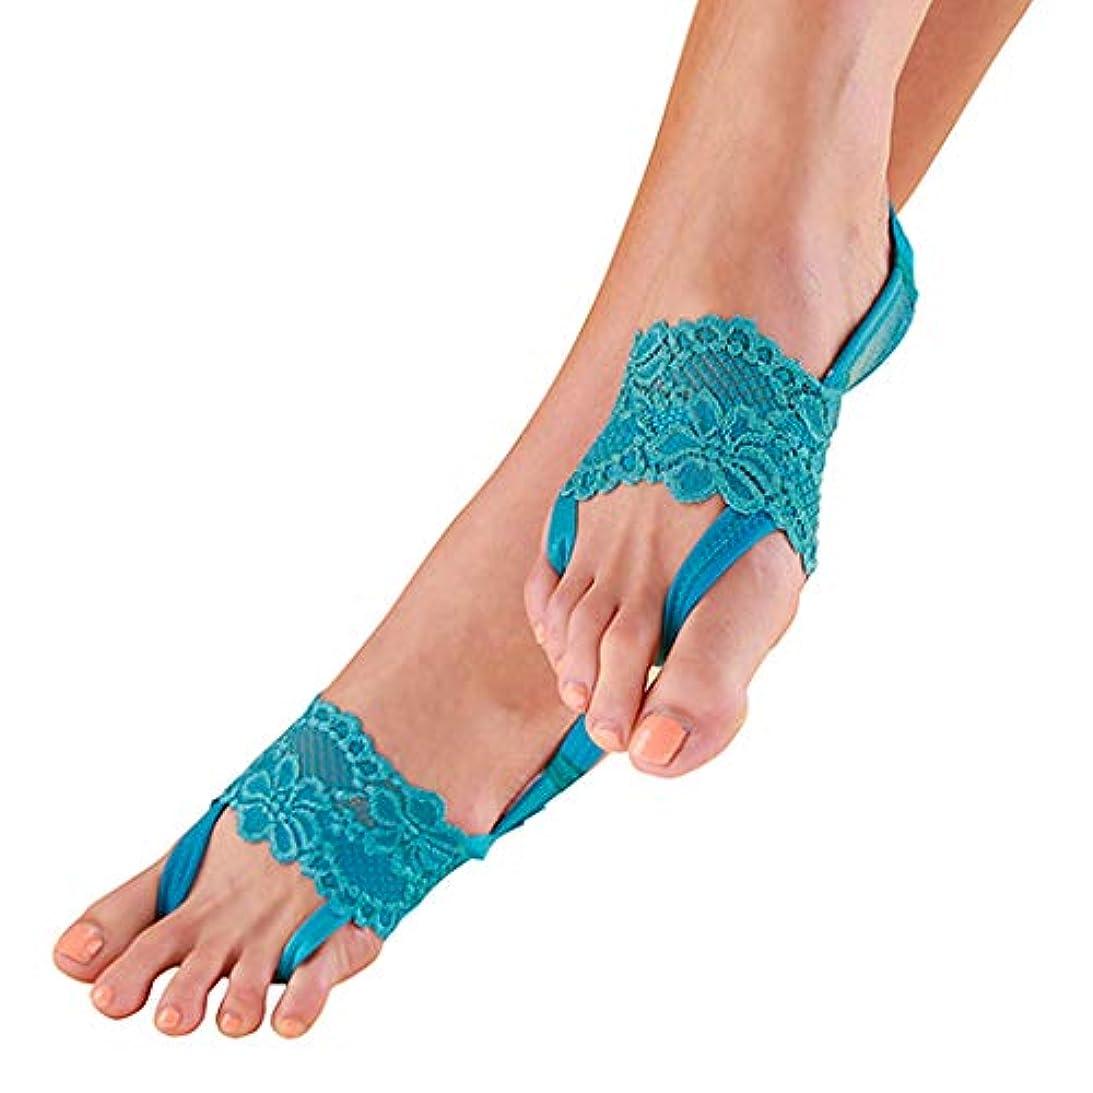 相関する捧げるインディカ累計20万足売れています 足が疲れにくい アシピタ 【 ターコイズブルー Mサイズ ソックス 】むくみ 冷え 美脚 美姿勢をサポート 23.5-25cm